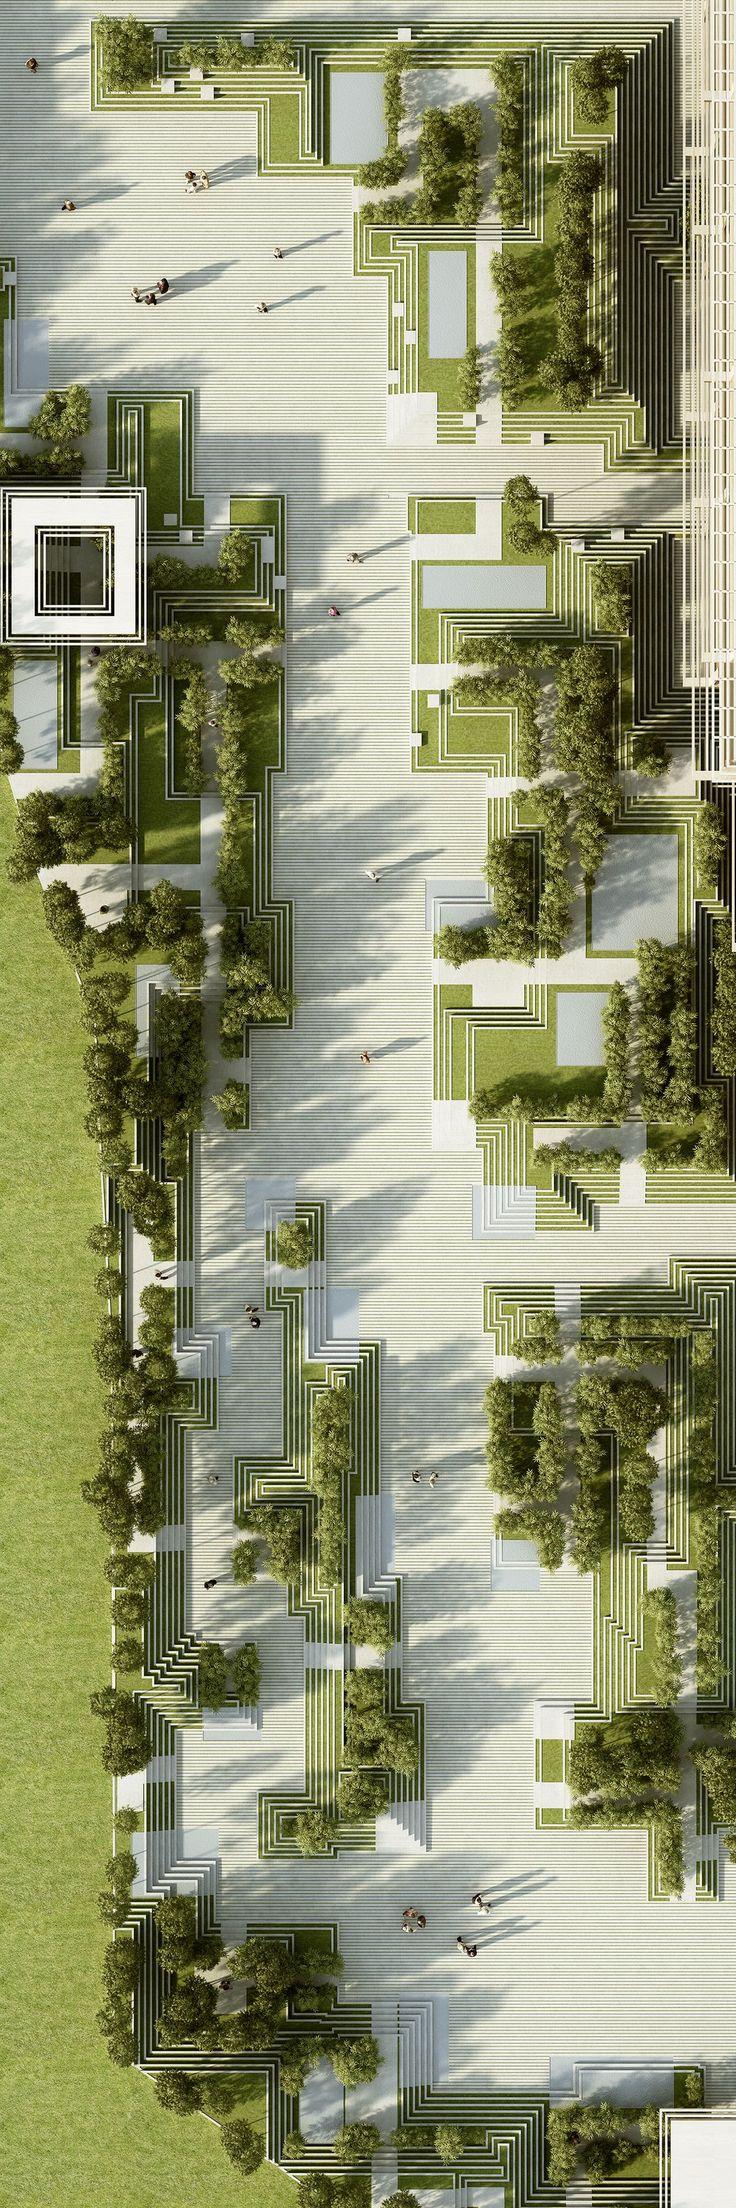 Magic Breeze Landscape / Facade Design on Behance                                                                                                                                                                                                                                                                                                                                                                                                                                      by chris precht